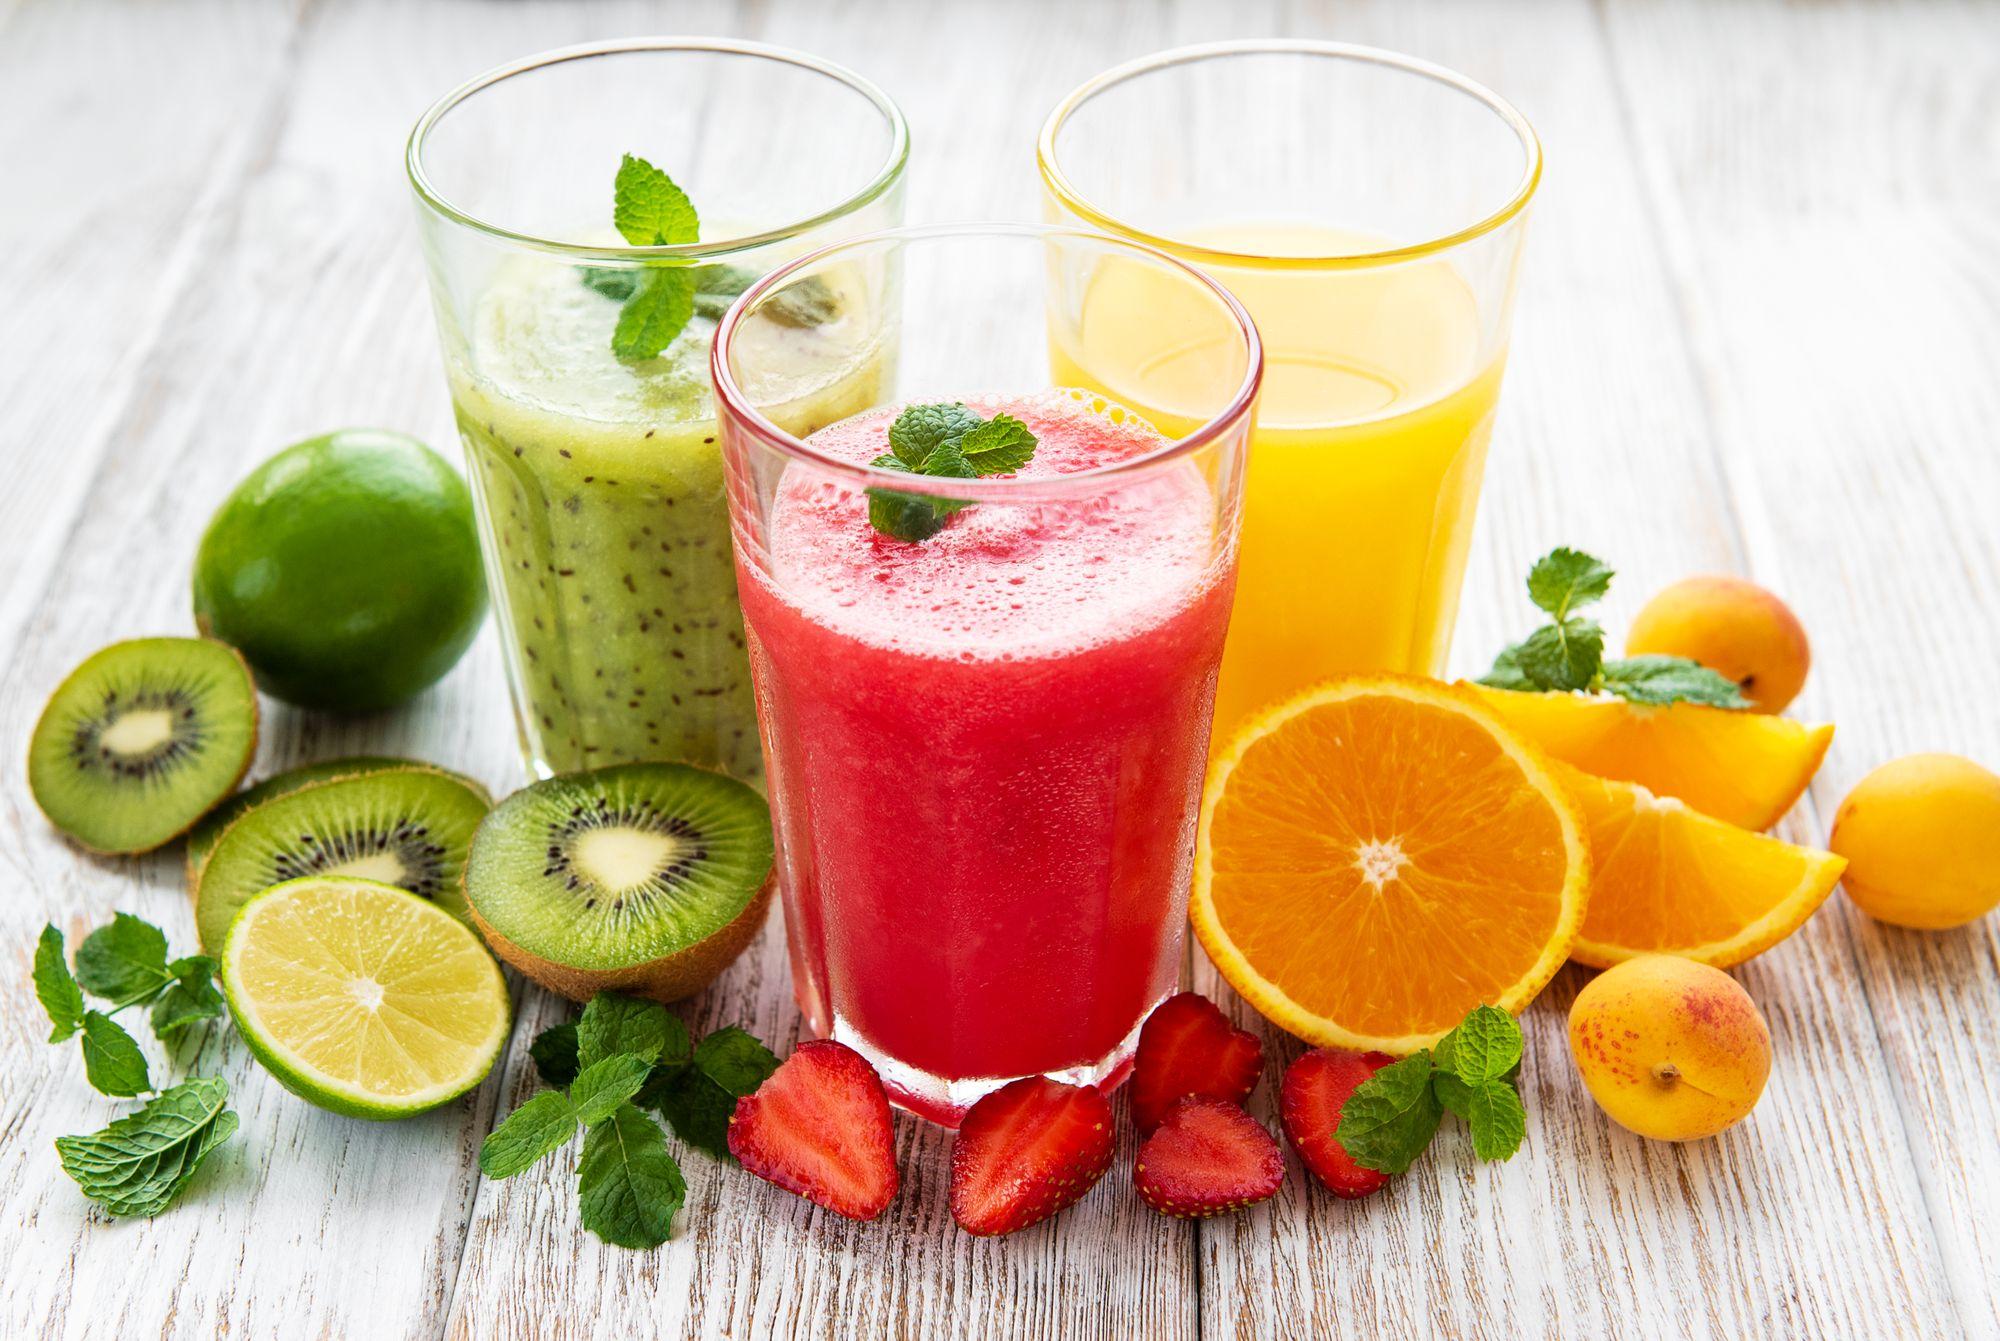 Suco de frutas. (Reprodução/Freepik)